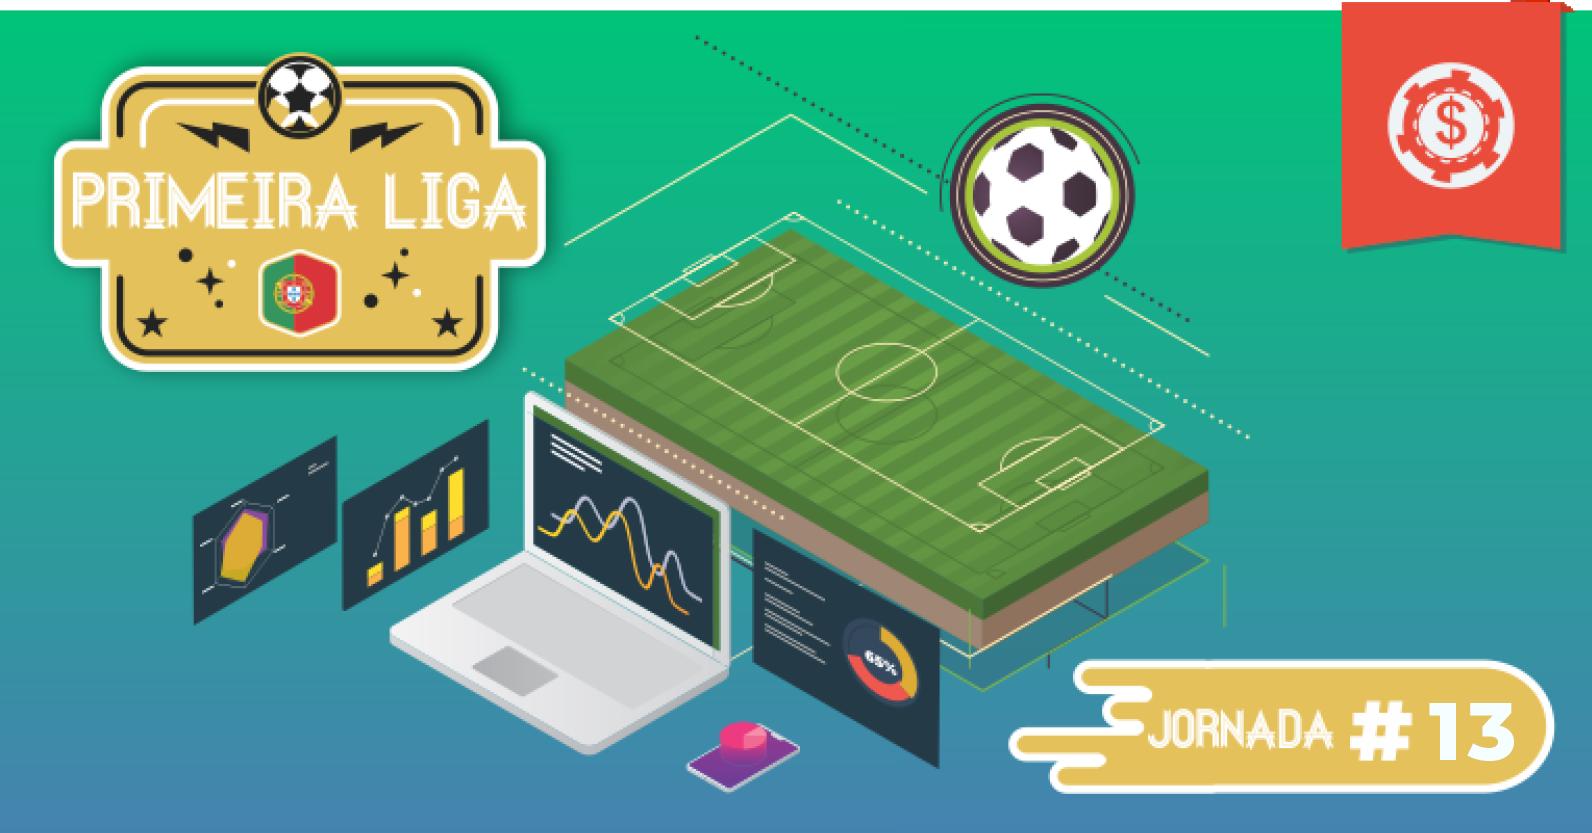 pronosticos-liga-portuguesa-primeira-liga-apuestas-jornada-13